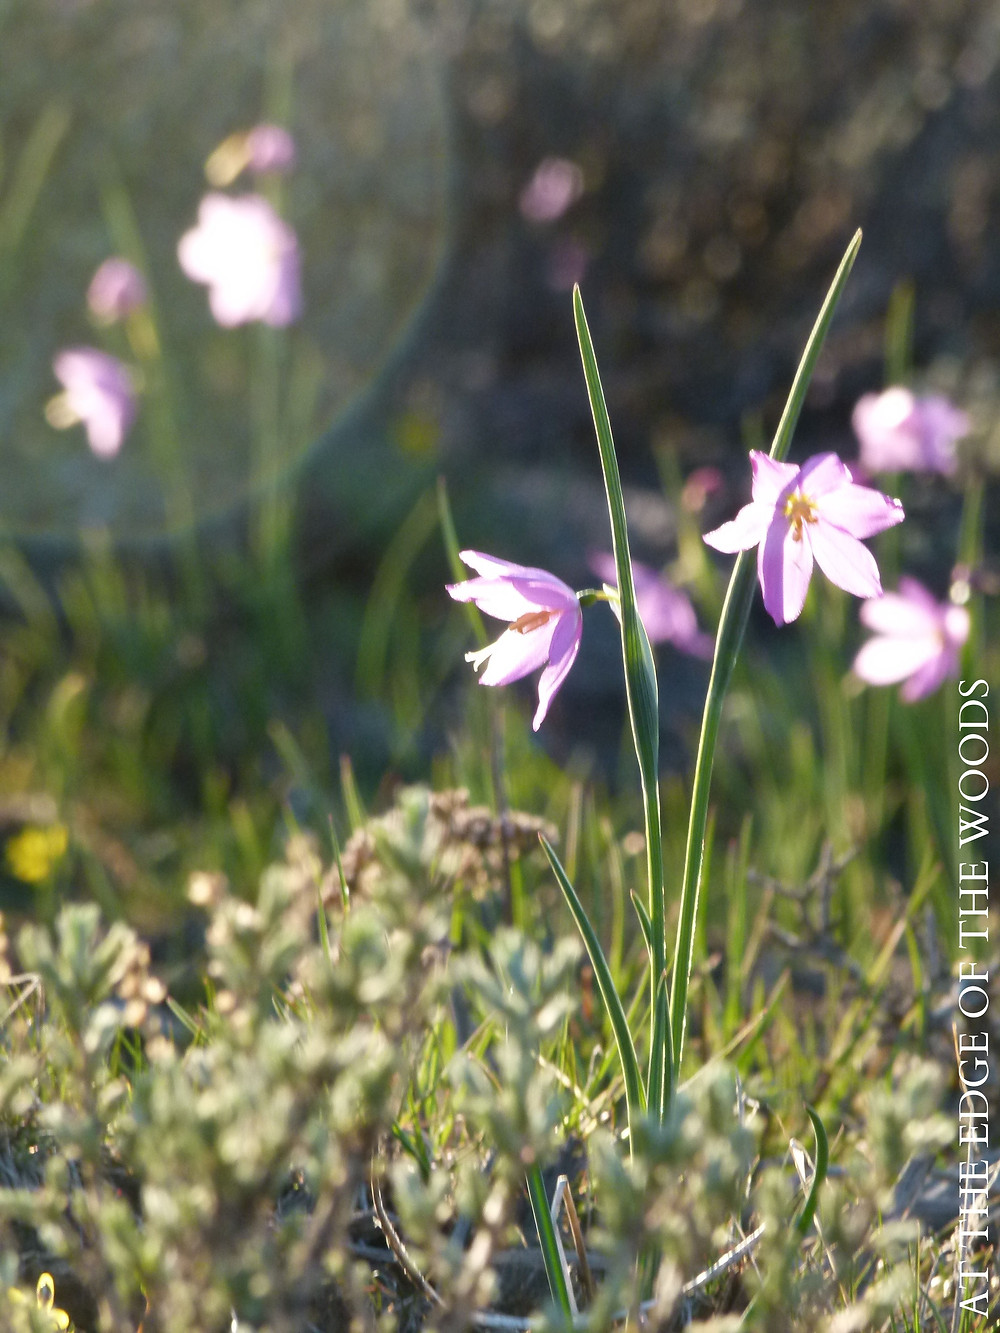 Grass Widow wildflowers and sagebrush